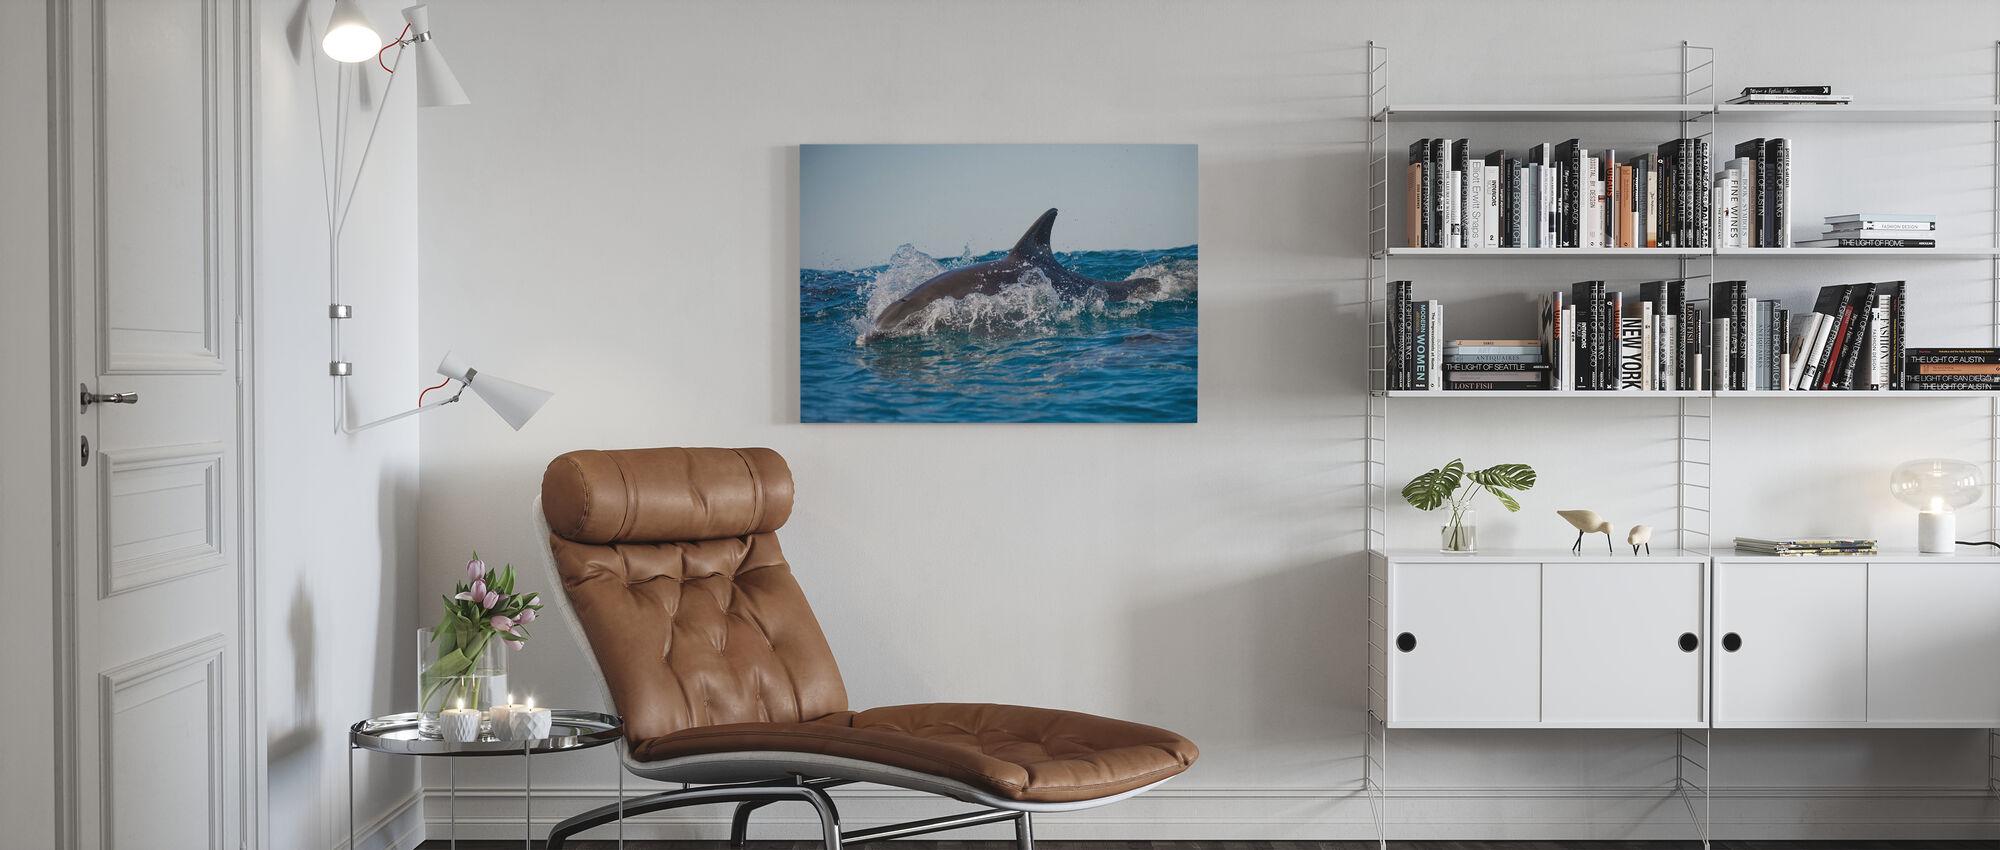 Tuimelaar Dolfijn - Canvas print - Woonkamer